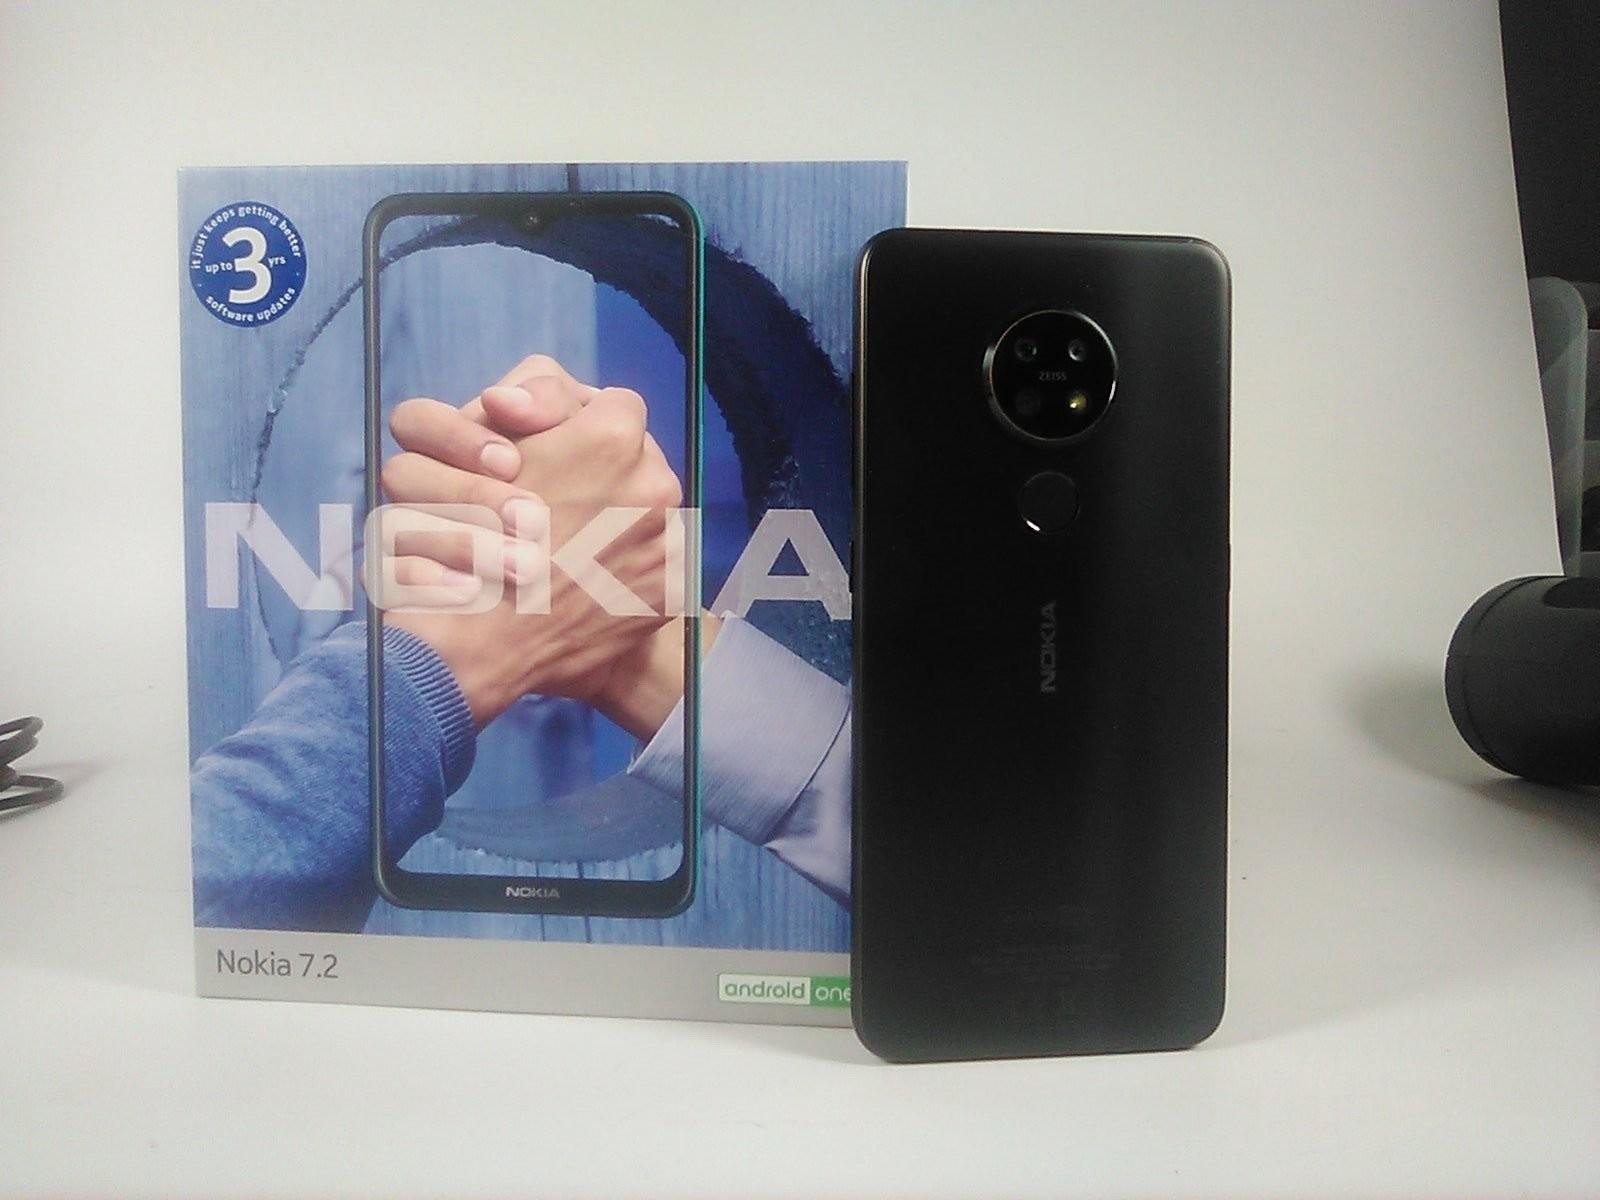 復古香蕉機來了!Nokia 8110 4G 這次還有 4G 可以網路分享!你想知道的這篇開箱都有! @3C 達人廖阿輝